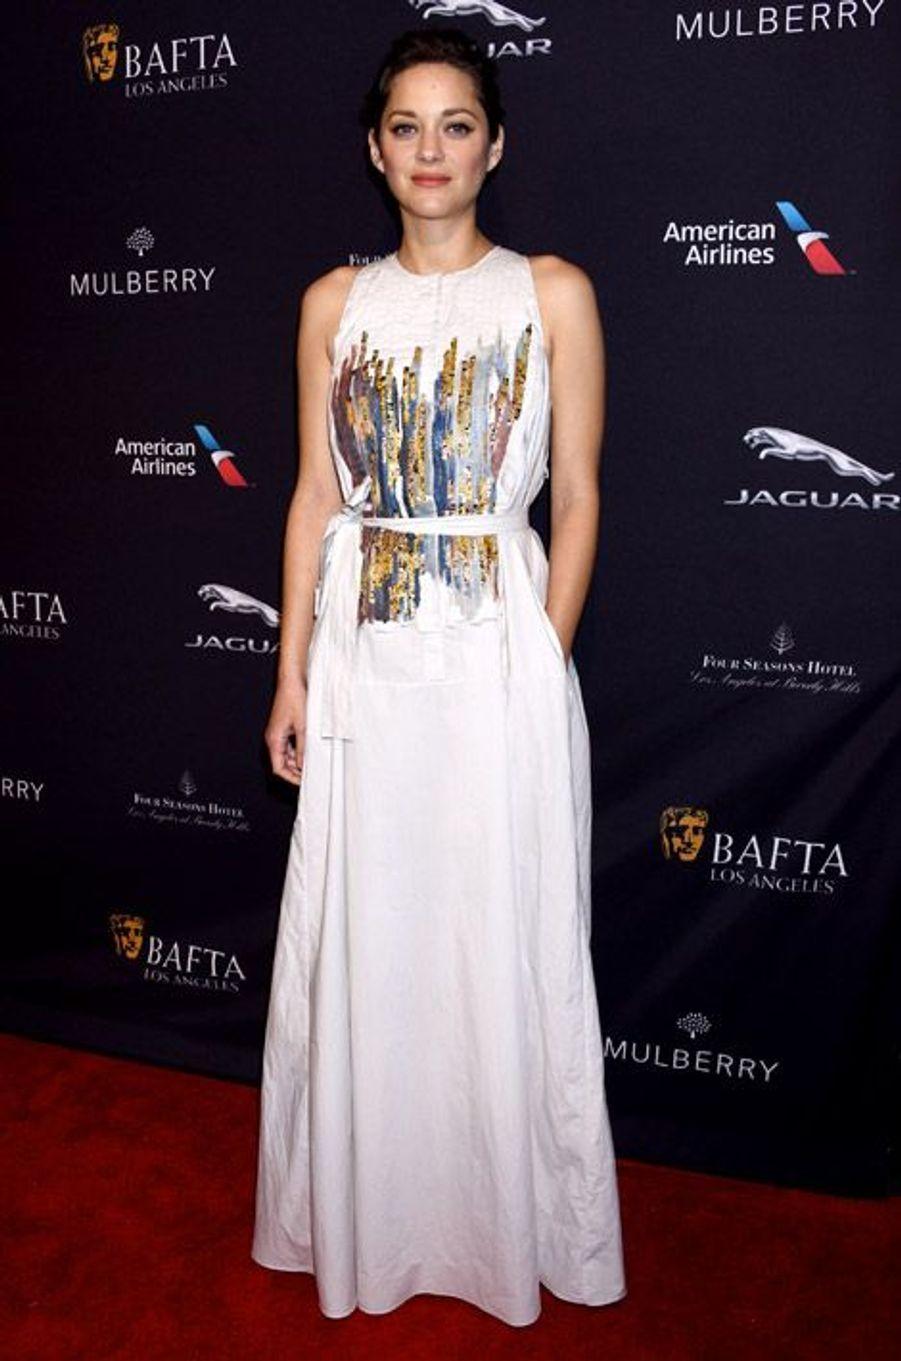 Marion Cotillard en Bottega Veneta lors d'une soirée pré-BAFTA à Beverly Hills, le 10 janvier 2015